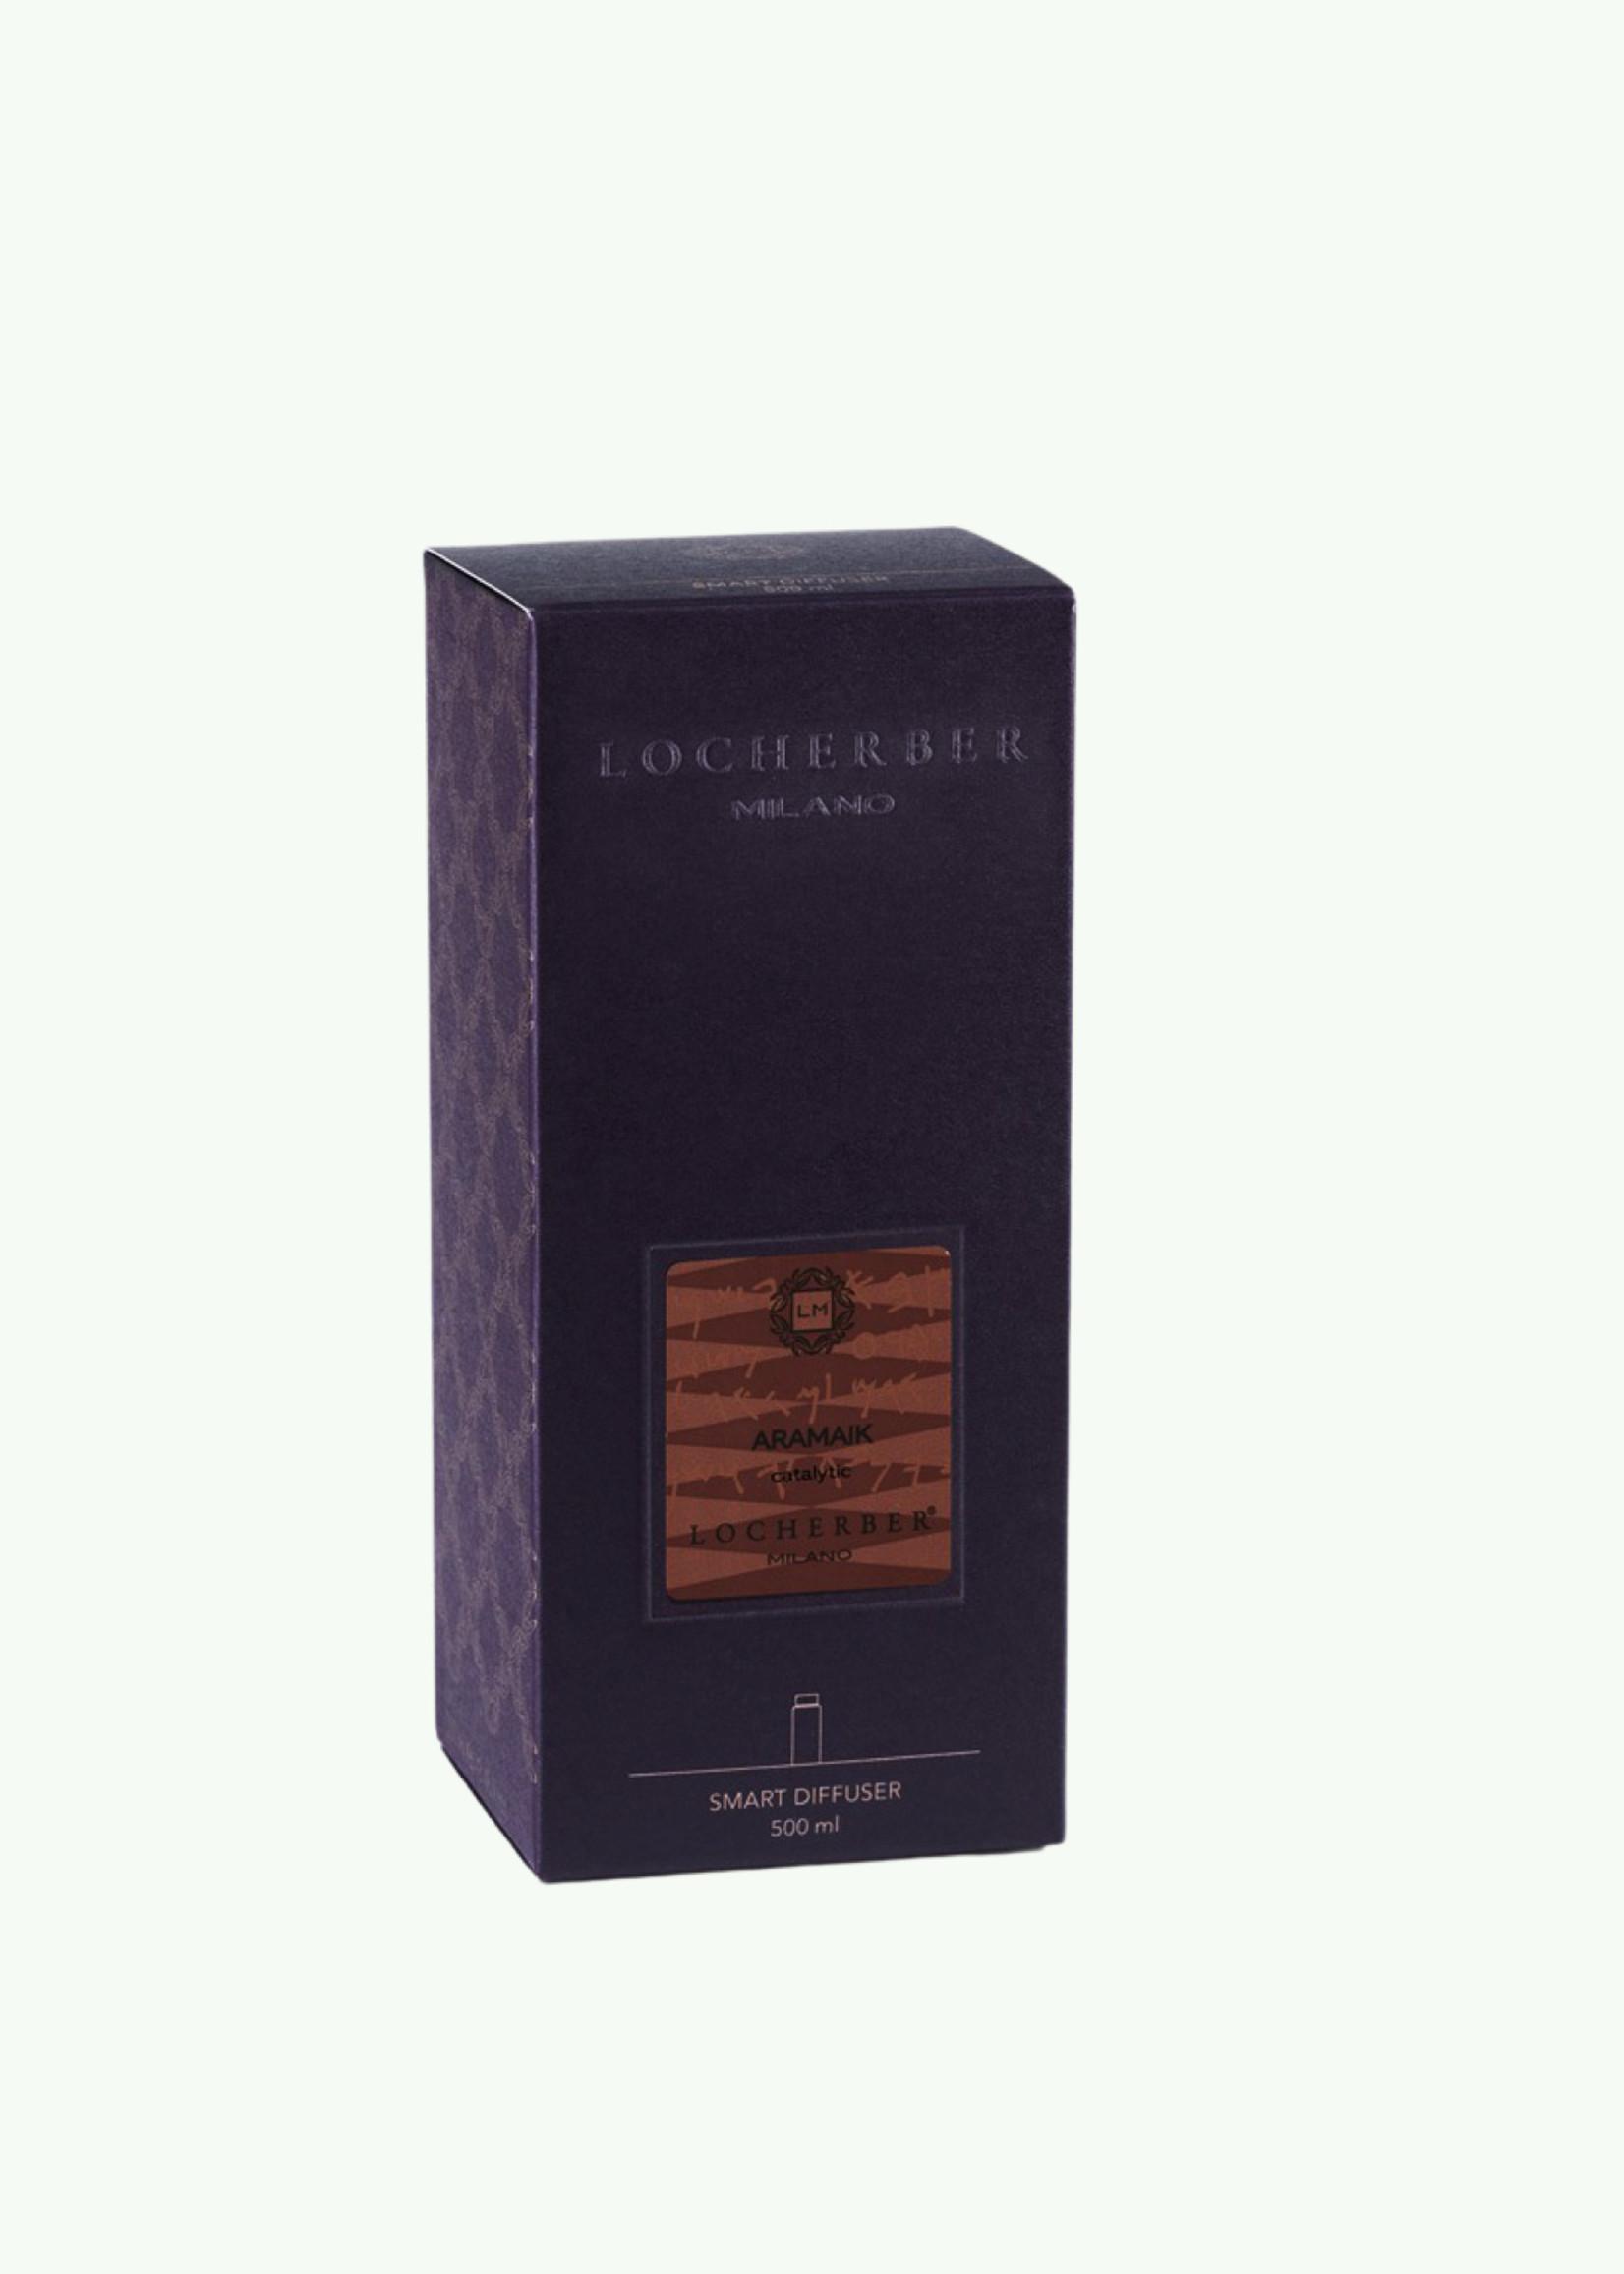 Locherber Locherber - Aramaik - Refill bottle 500 ml